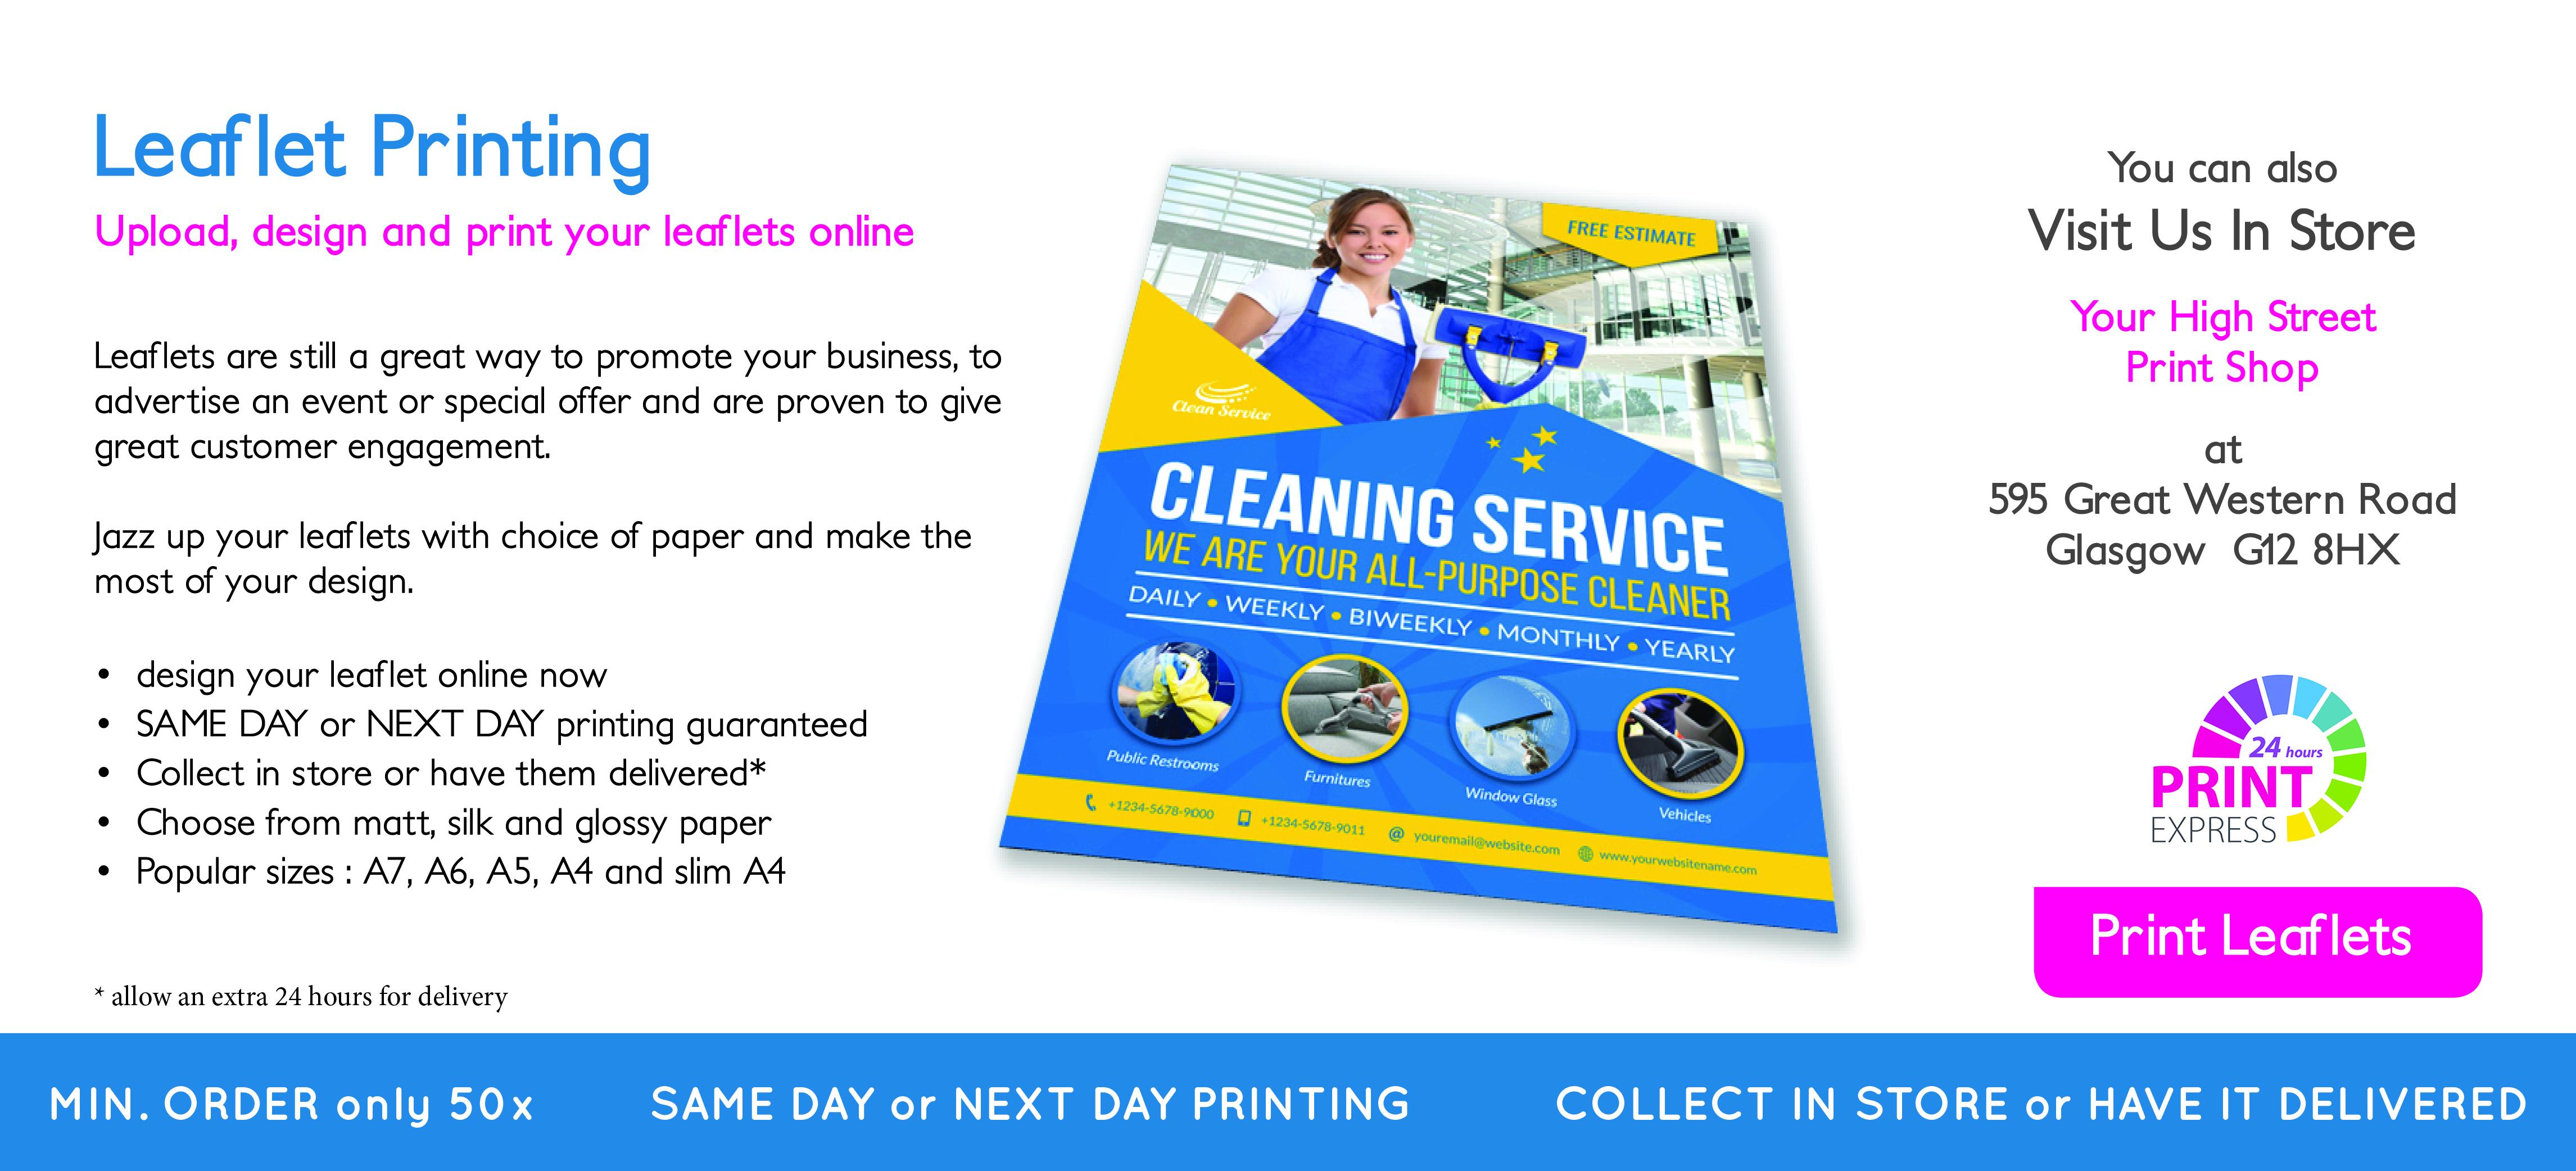 d3a639e892 Self-Service Copy   Print Shop - Glasgow - Same Day Printing